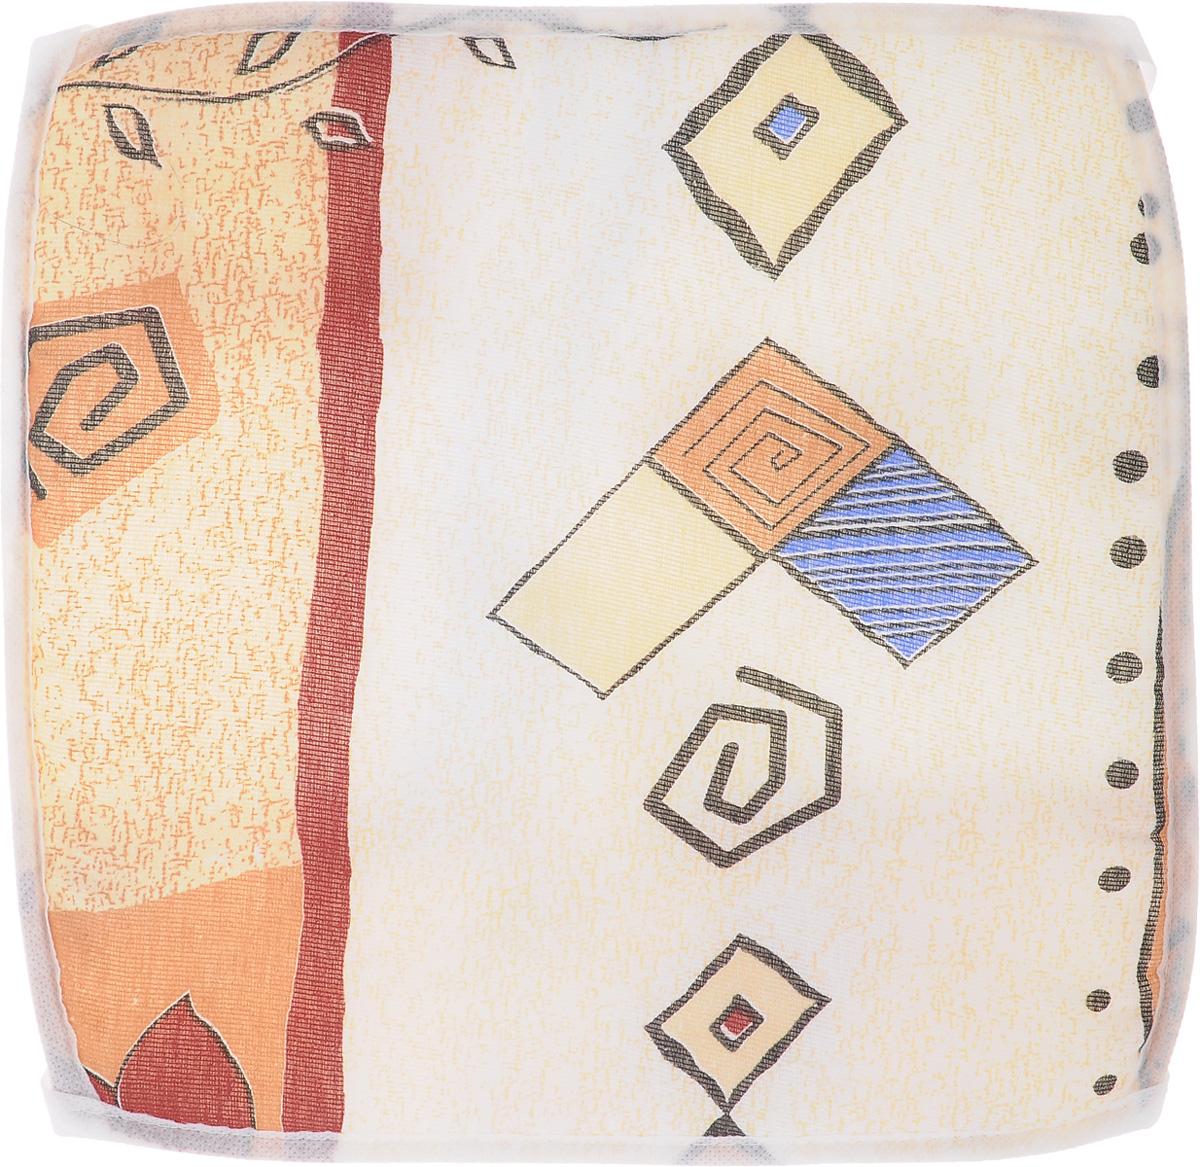 Подушка на стул Eva Ромашка, 34 х 34 смЕ06_бежевый, геометрияПодушка на стул Eva Ромашка, 34 х 34 см